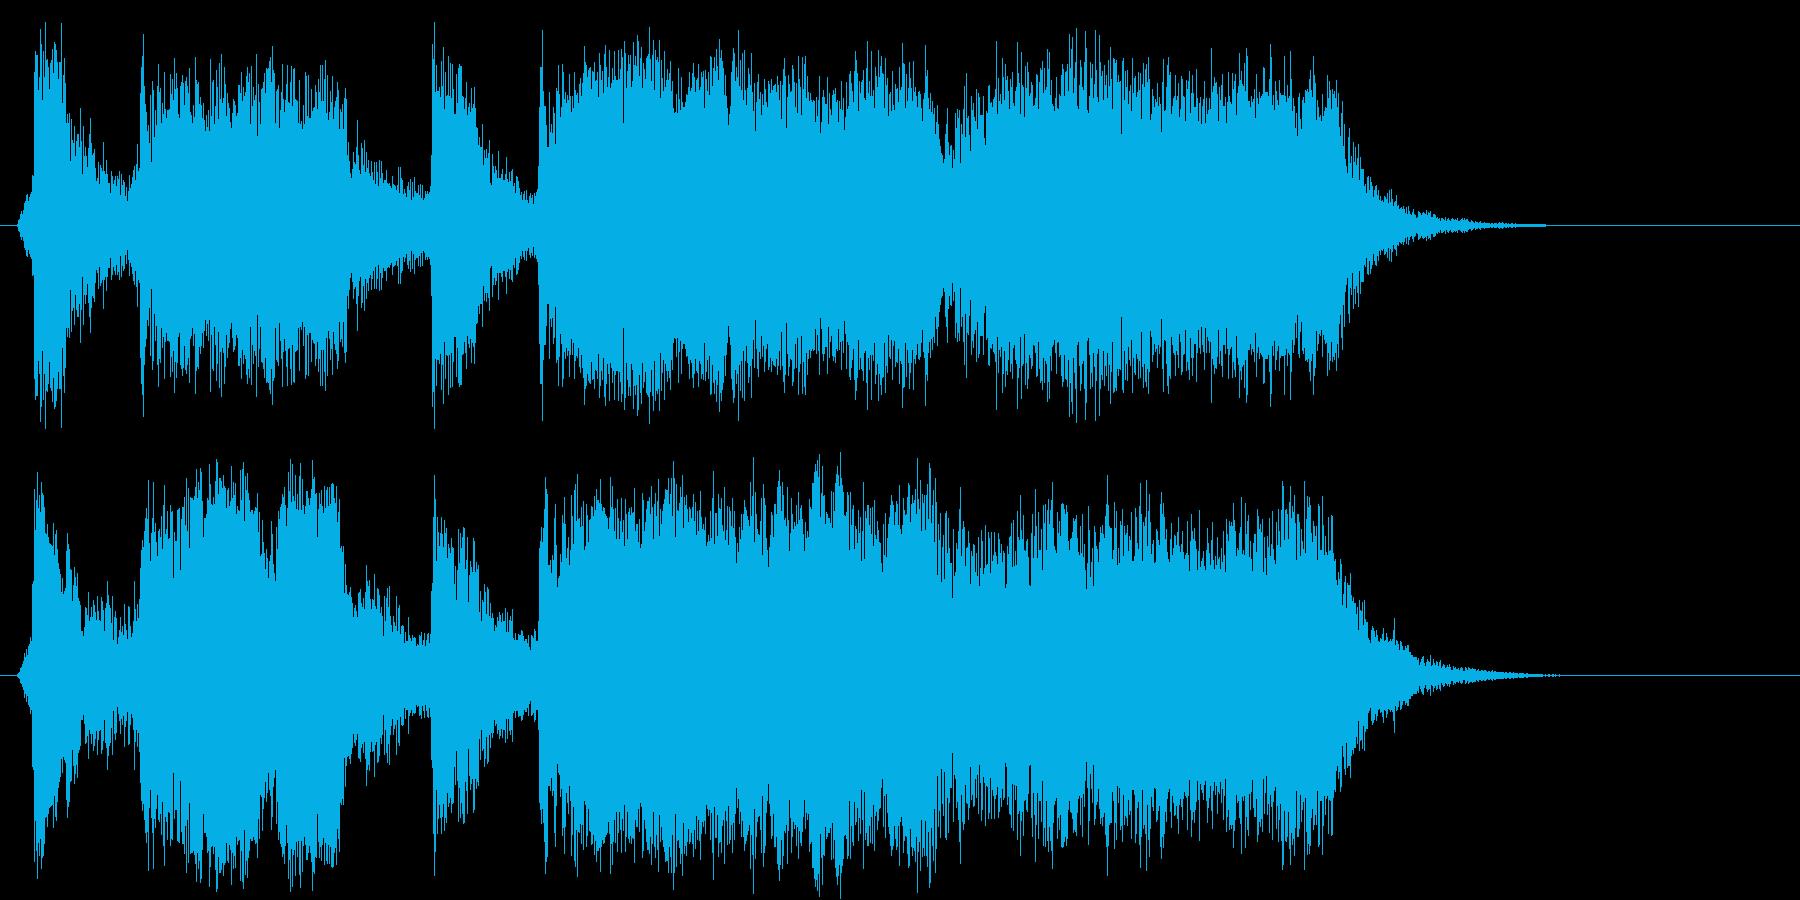 明るく壮大なオーケストラジングルの再生済みの波形